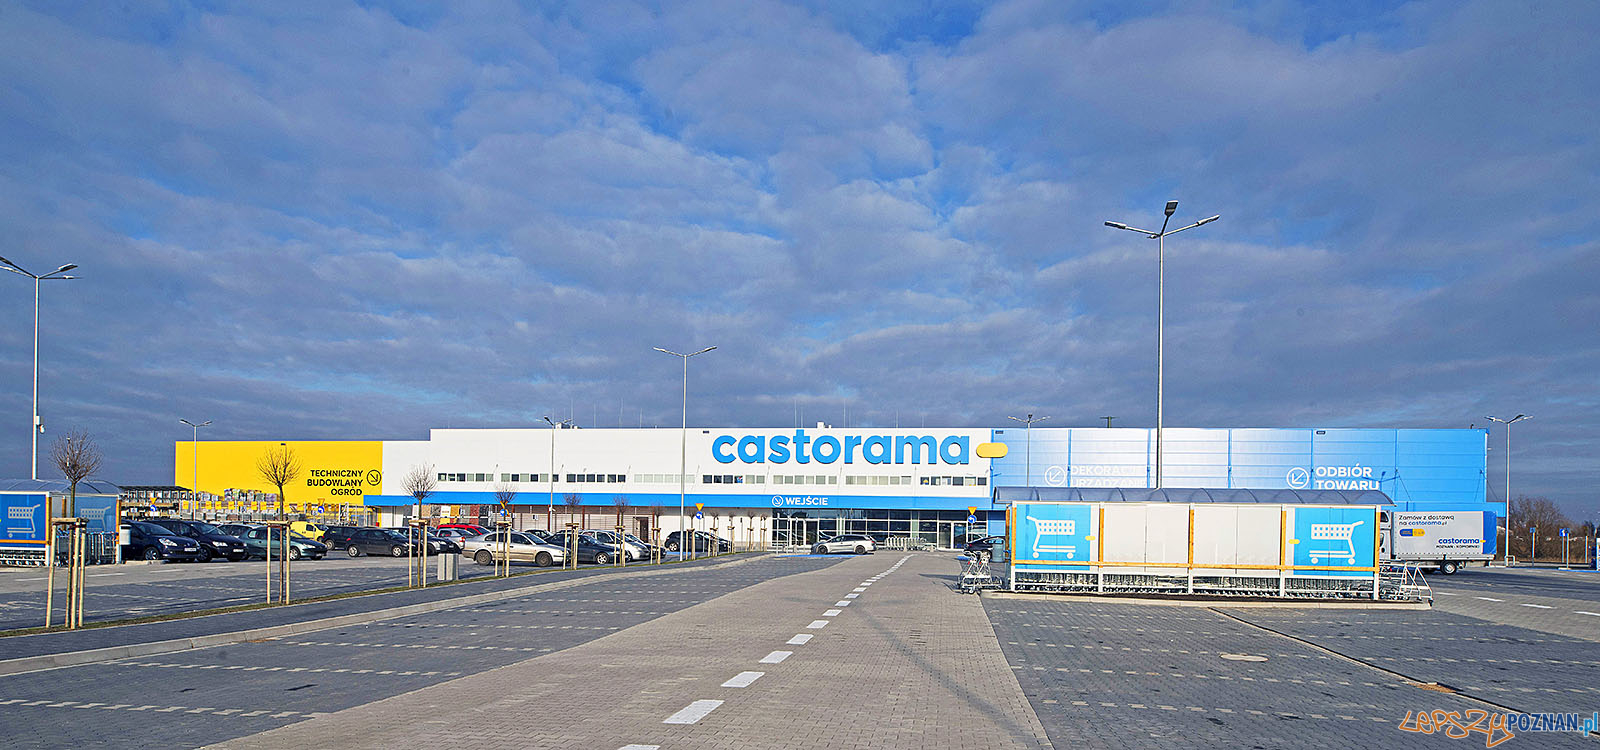 Market budowlany Castorama  Foto: Moc&ArtGroup  / materiały prasowe